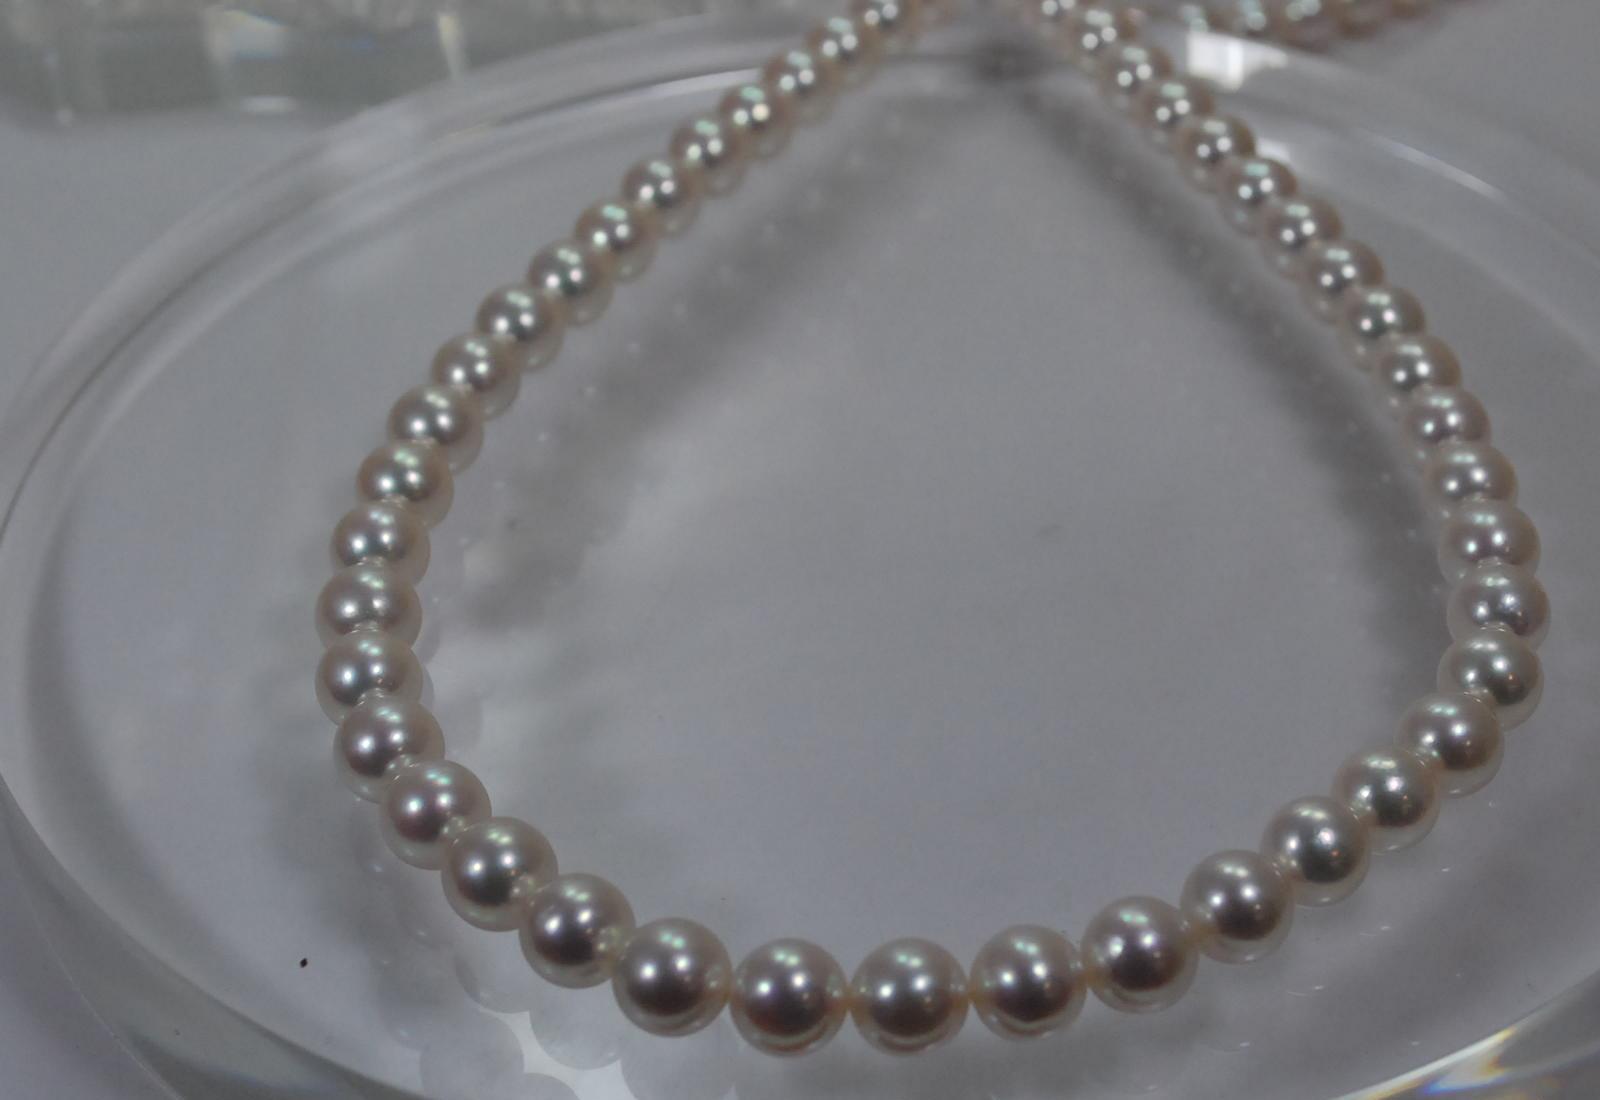 アコヤ 真珠 9mm ネックレス ホワイトピンク    532P15May16       ポイント5倍